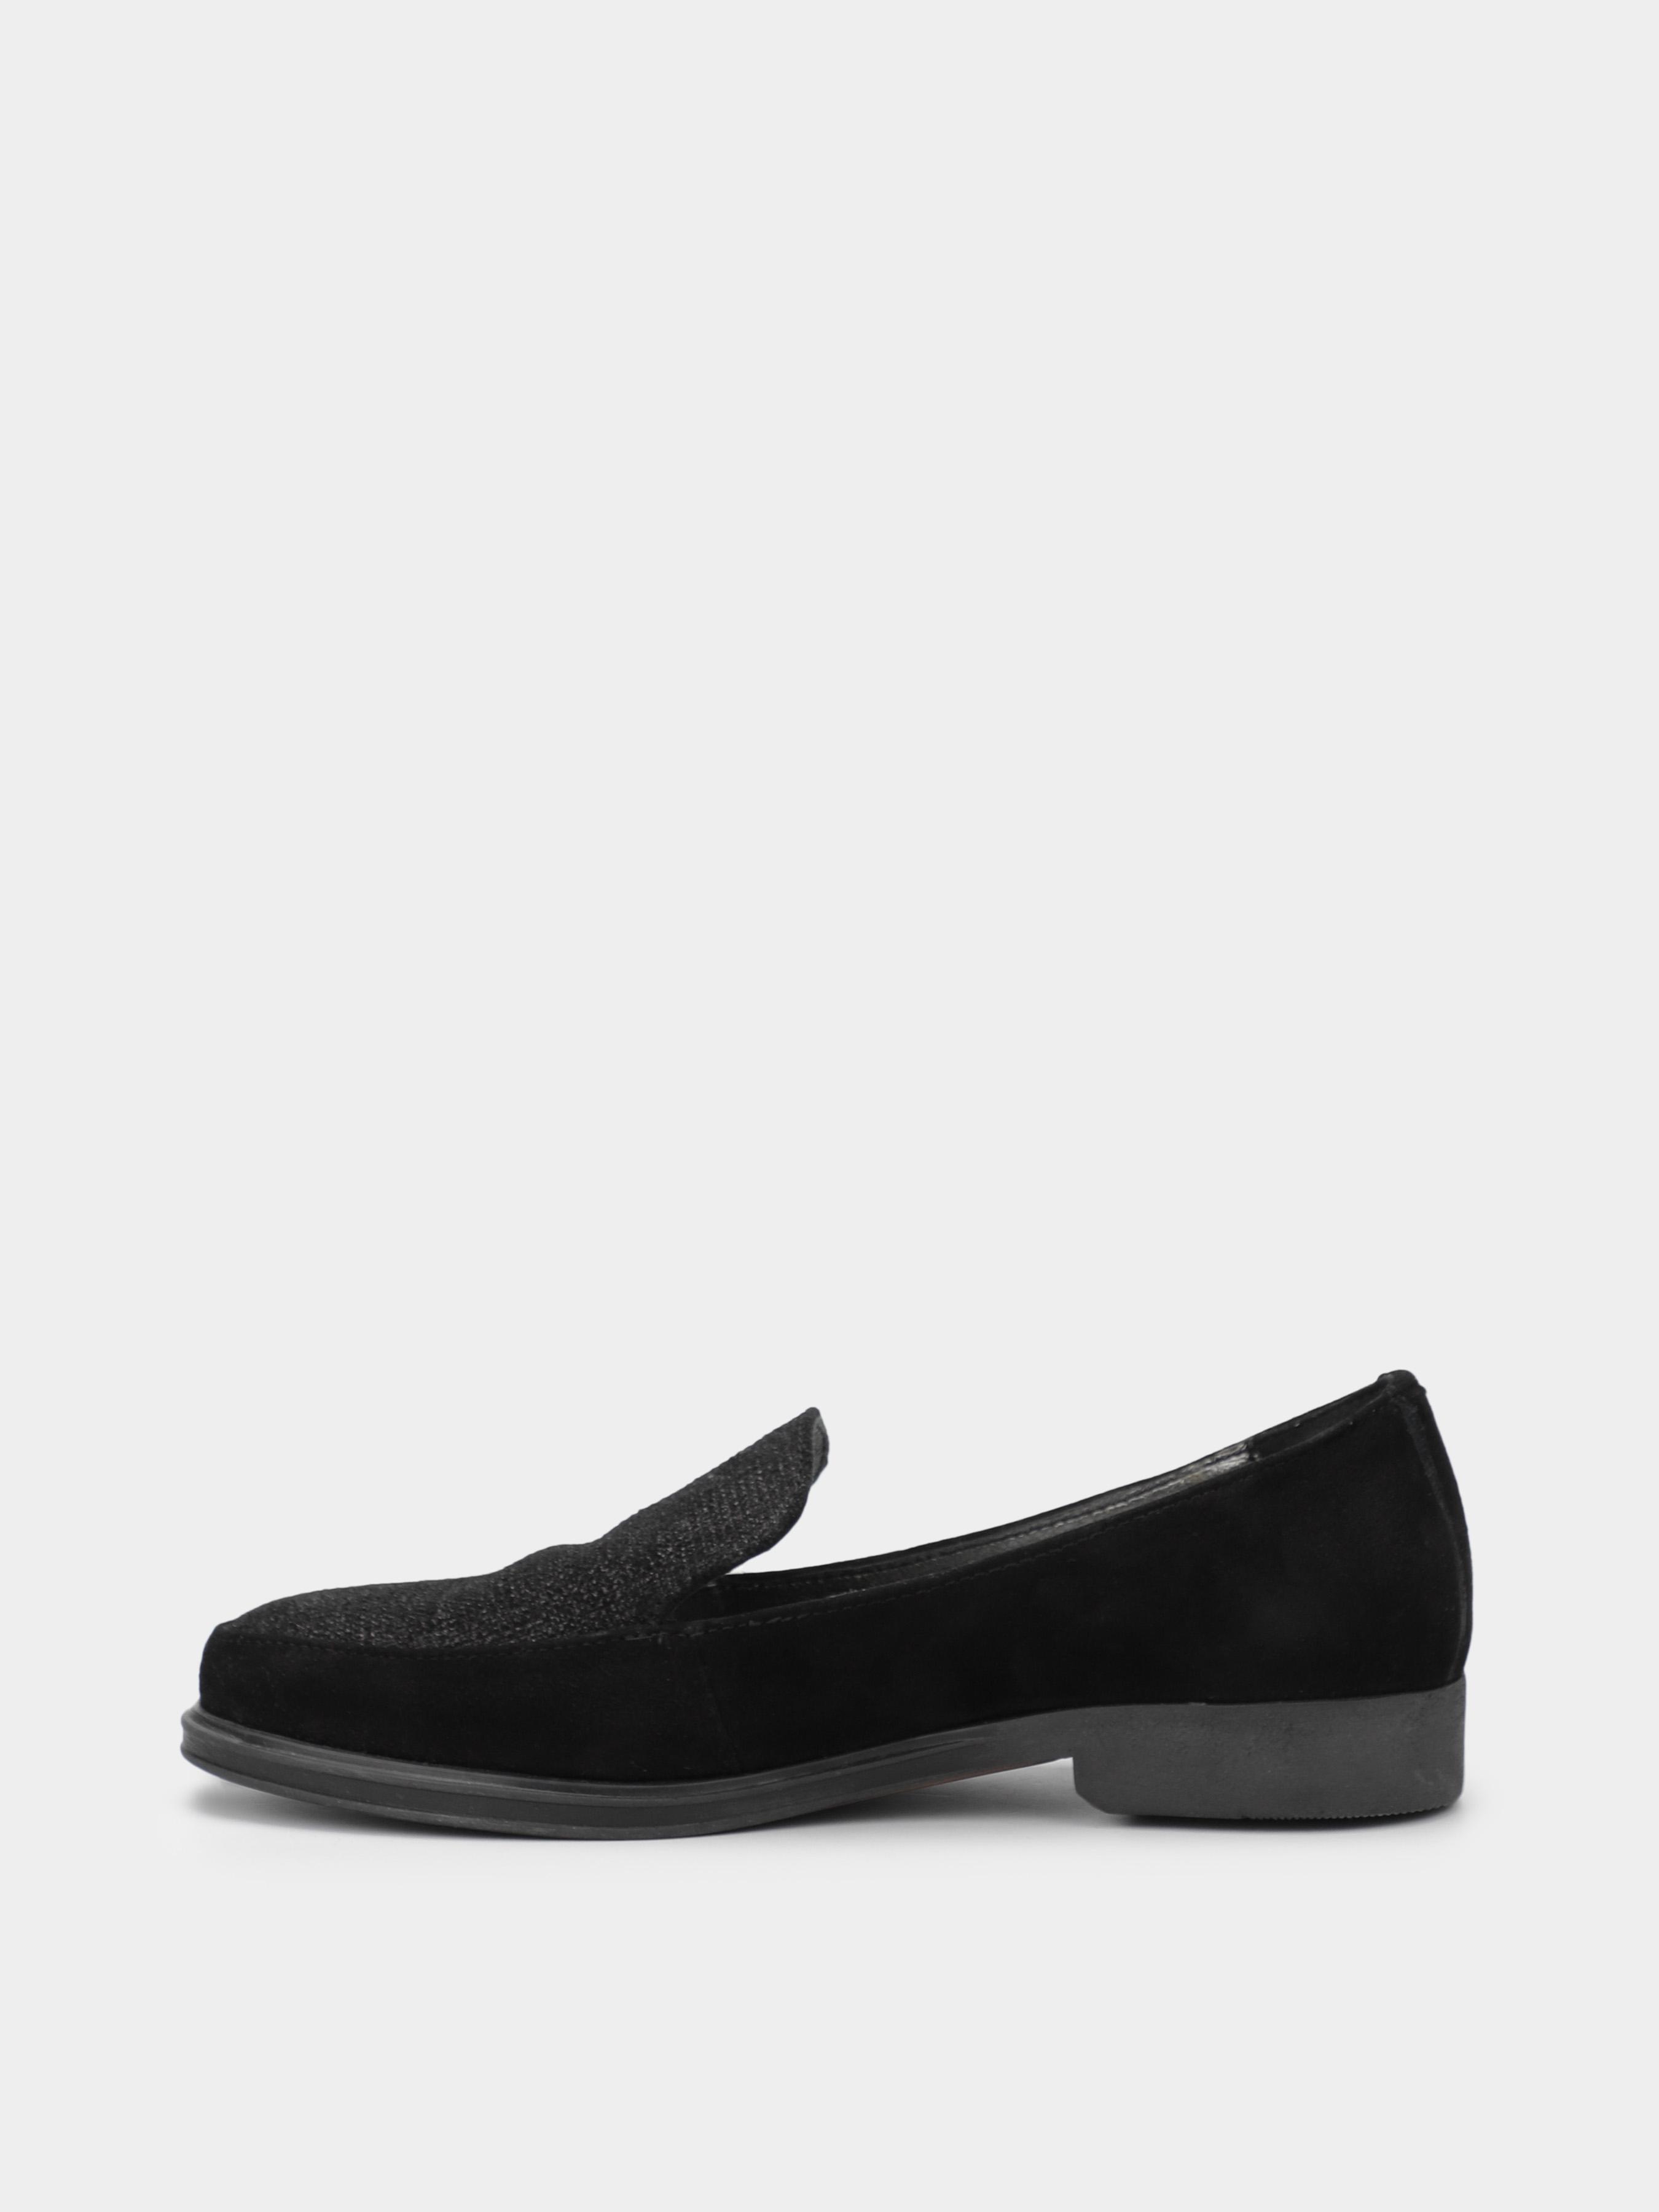 Туфли для женщин AURA SHOES 6Q24 размерная сетка обуви, 2017